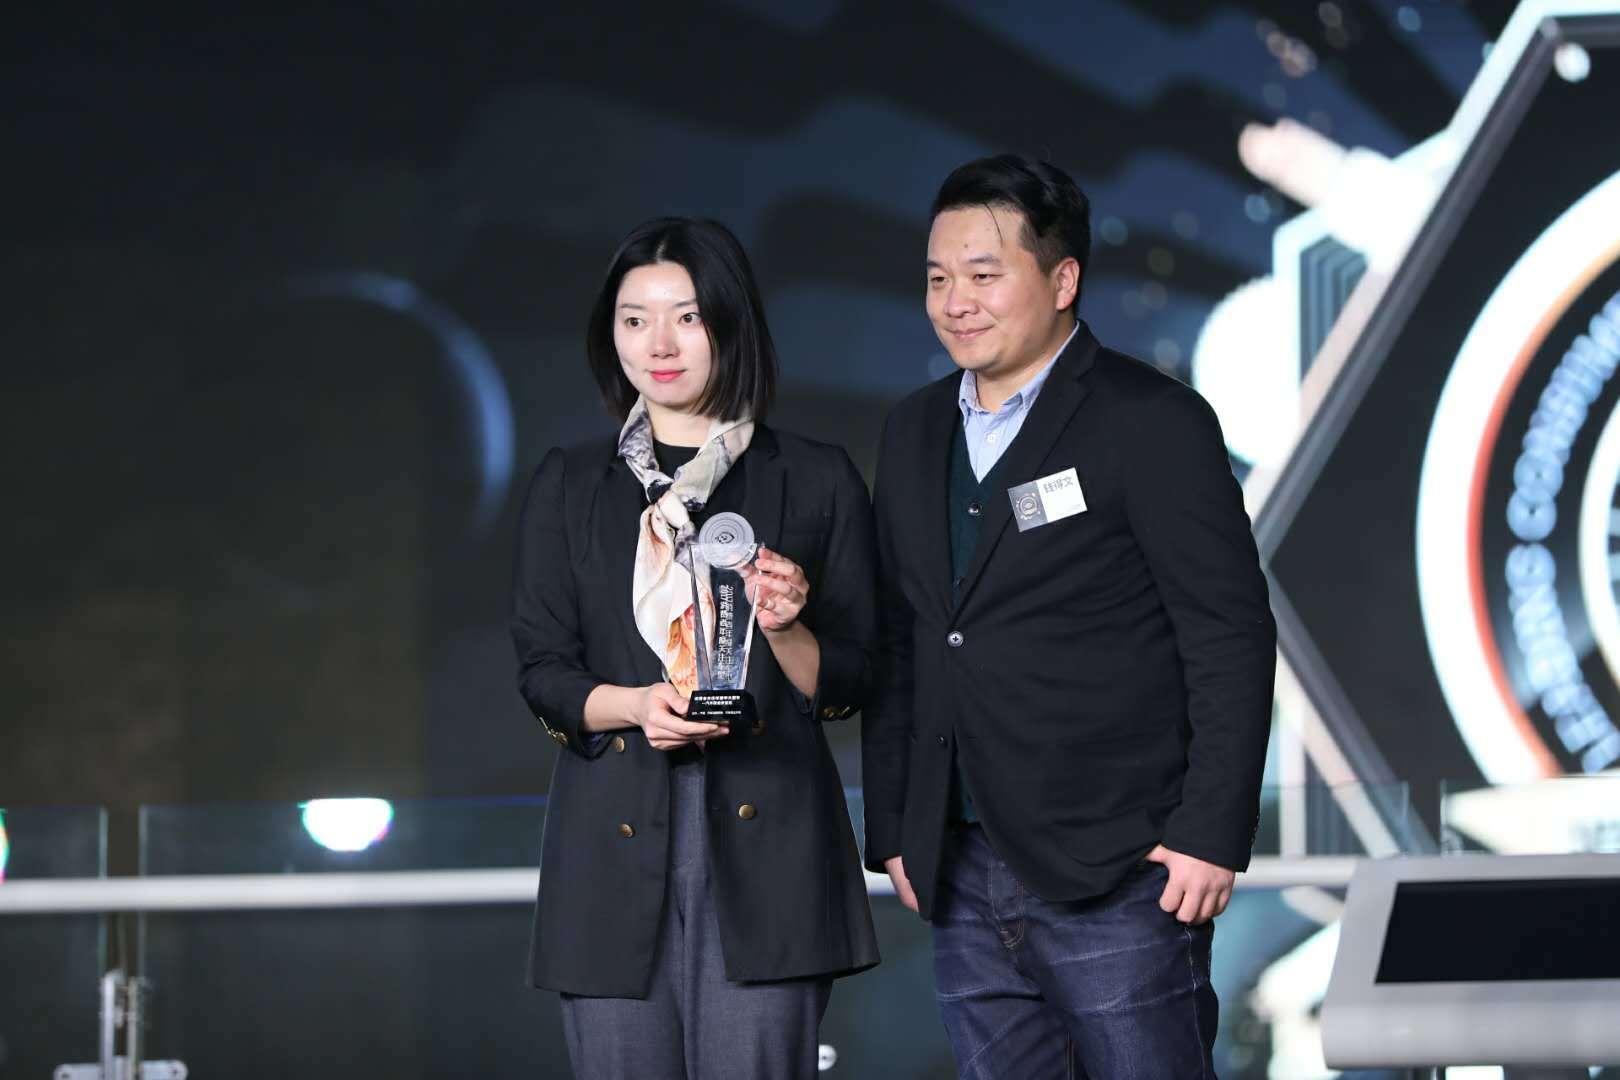 全新皇冠荣获2017消费者关注年度中大型车奖